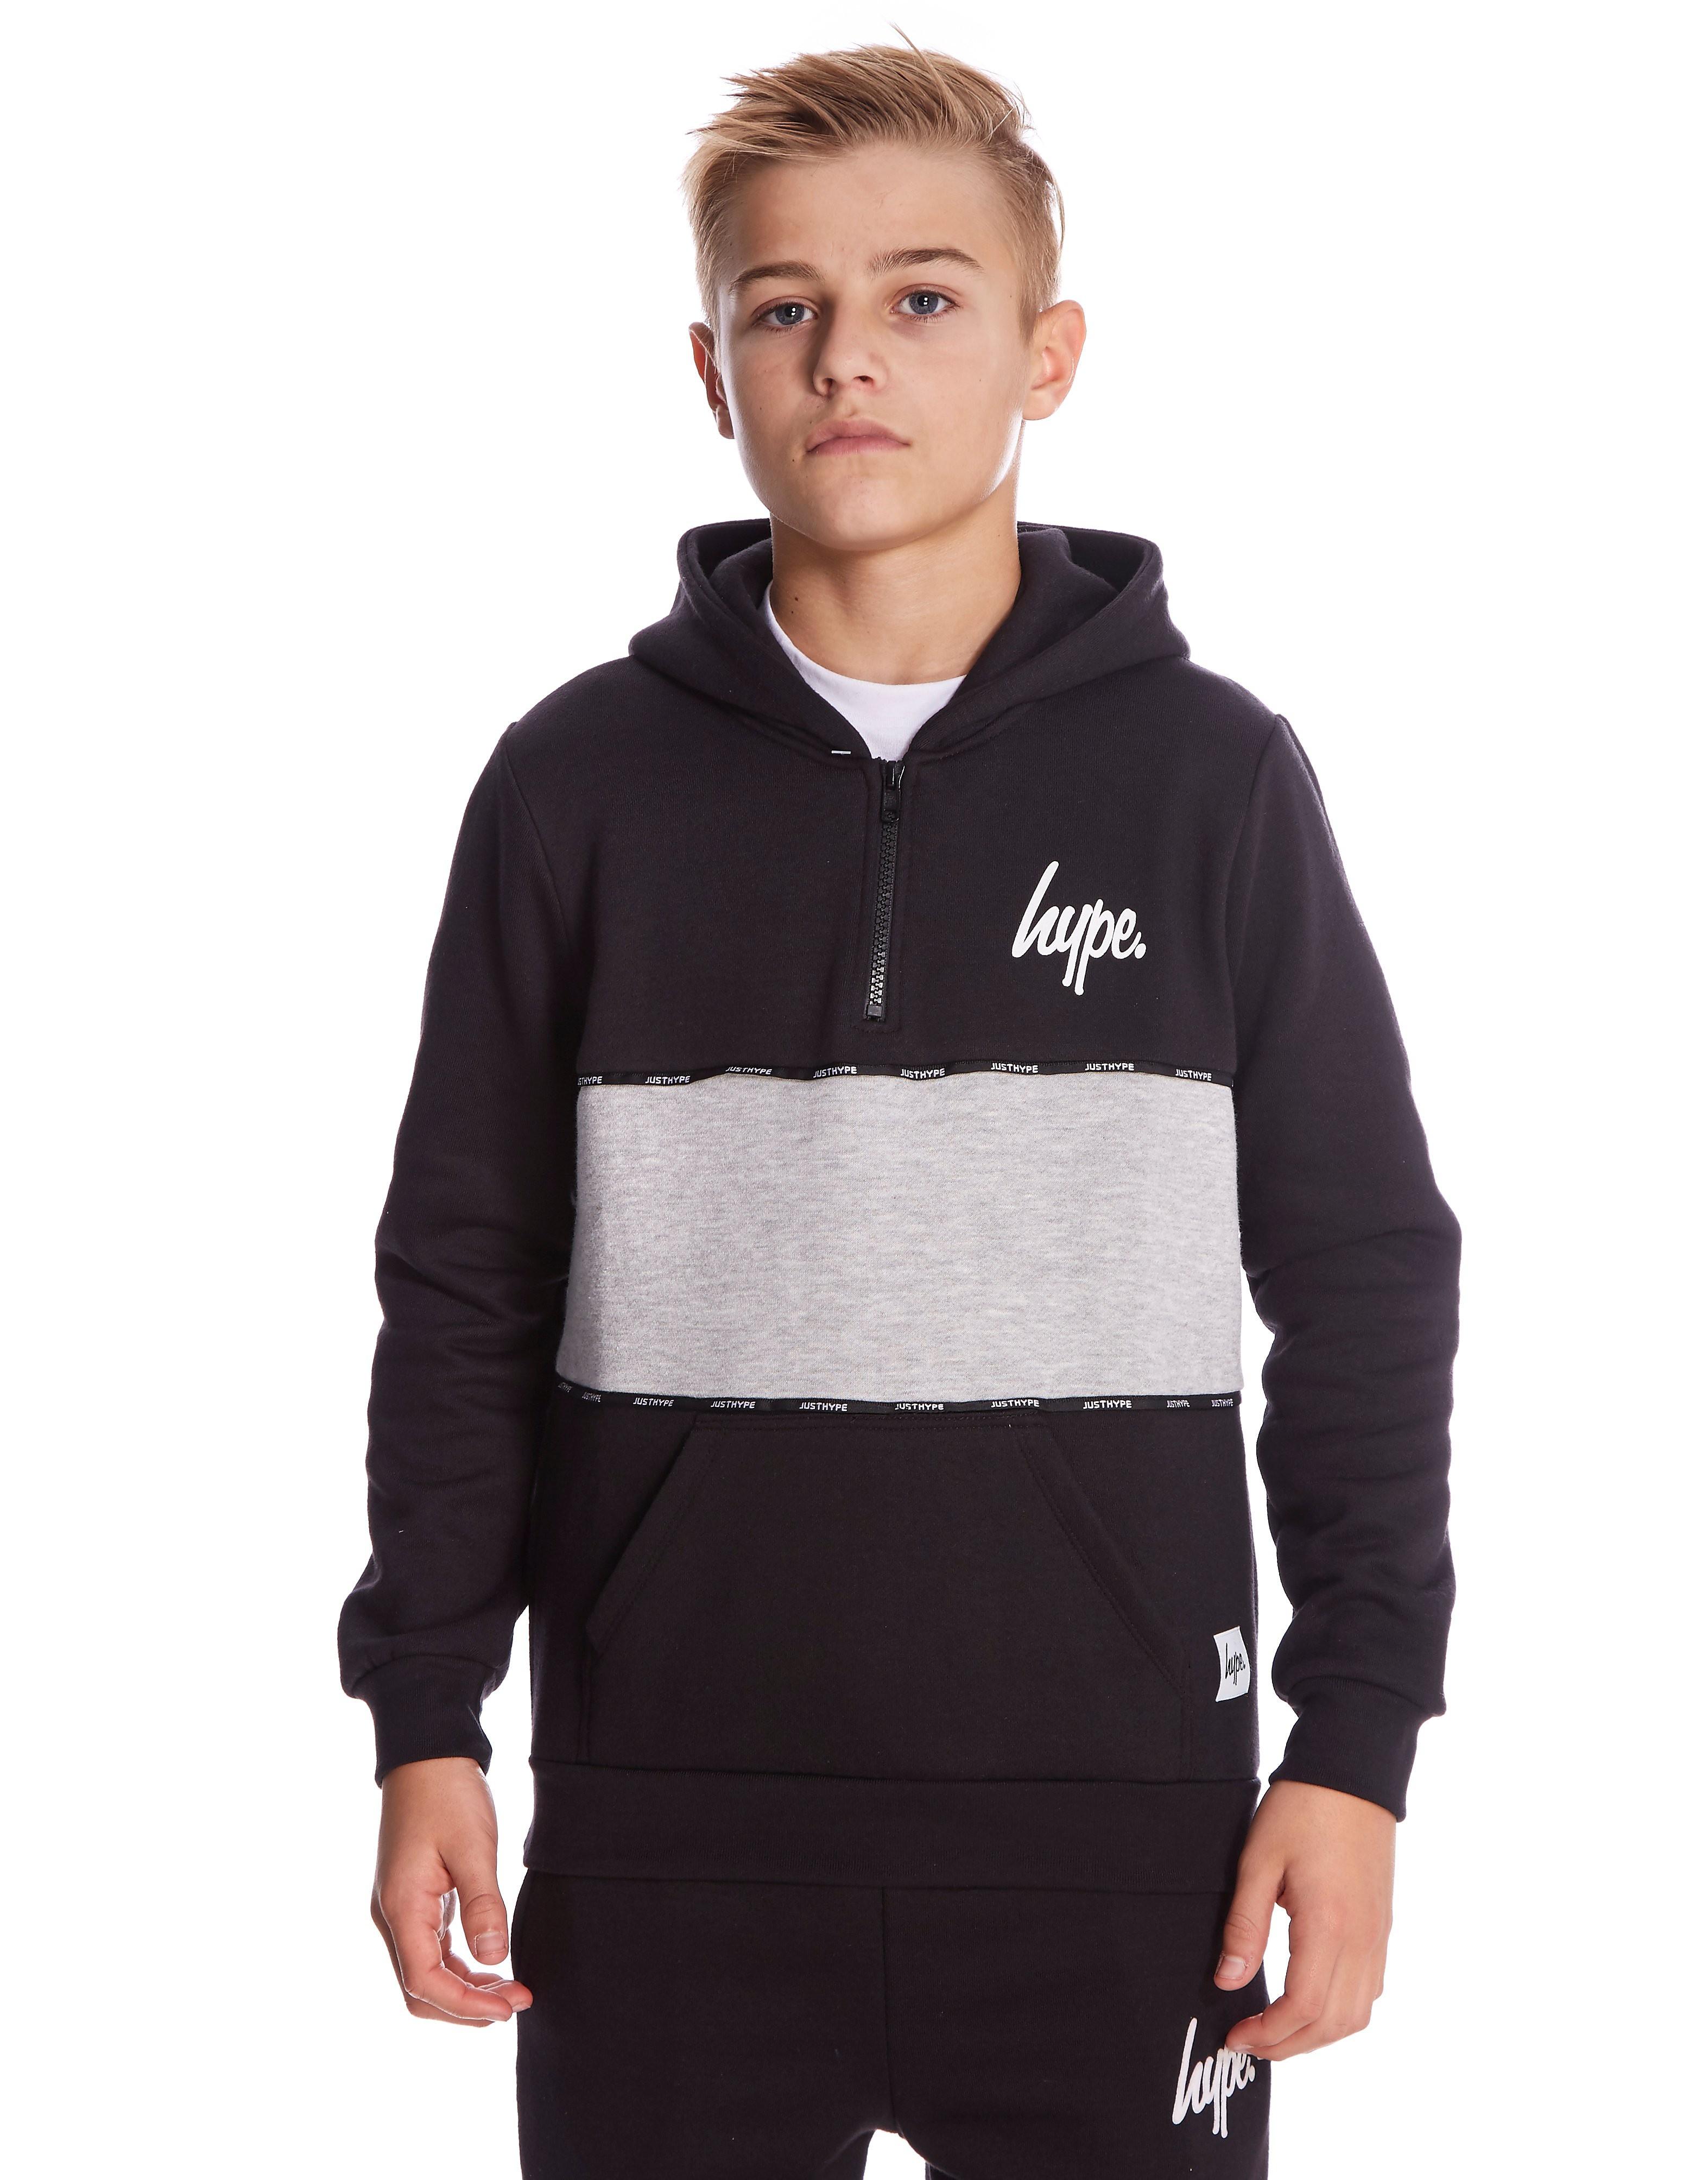 Hype Quarter Zip Hoody Junior